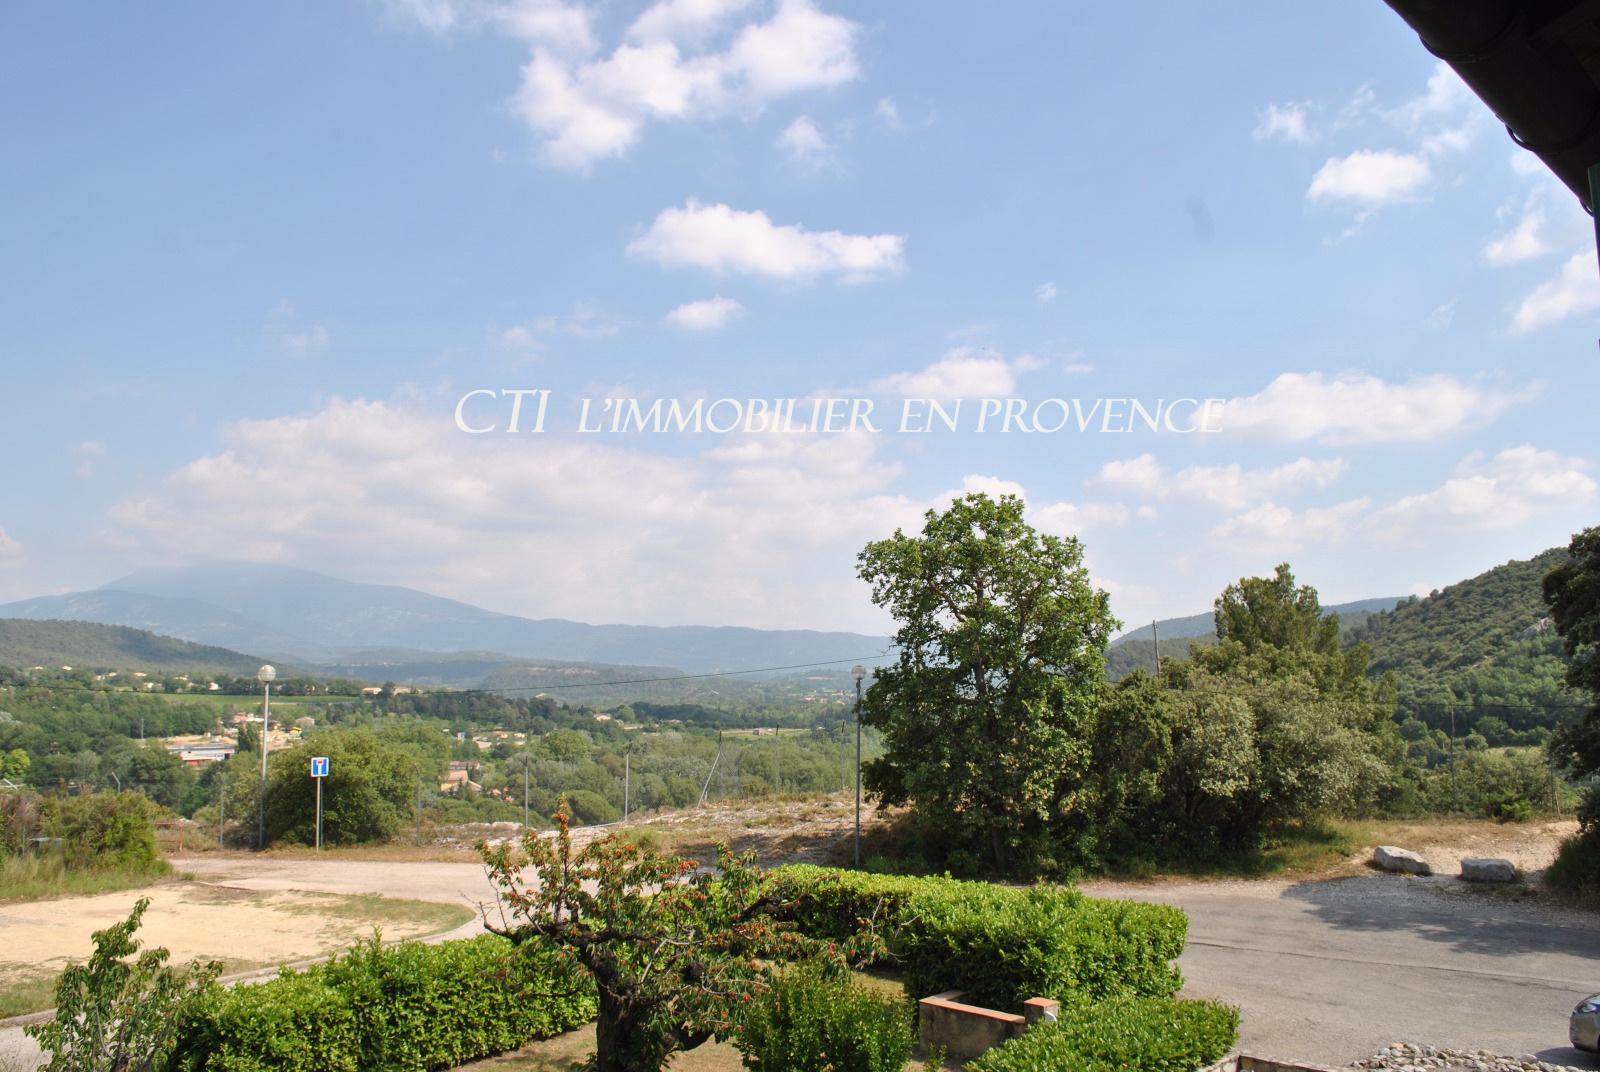 Vente studio proche centre ville de  Vaison vue sur le Mont Ventoux. Garage et cave. Interphone.